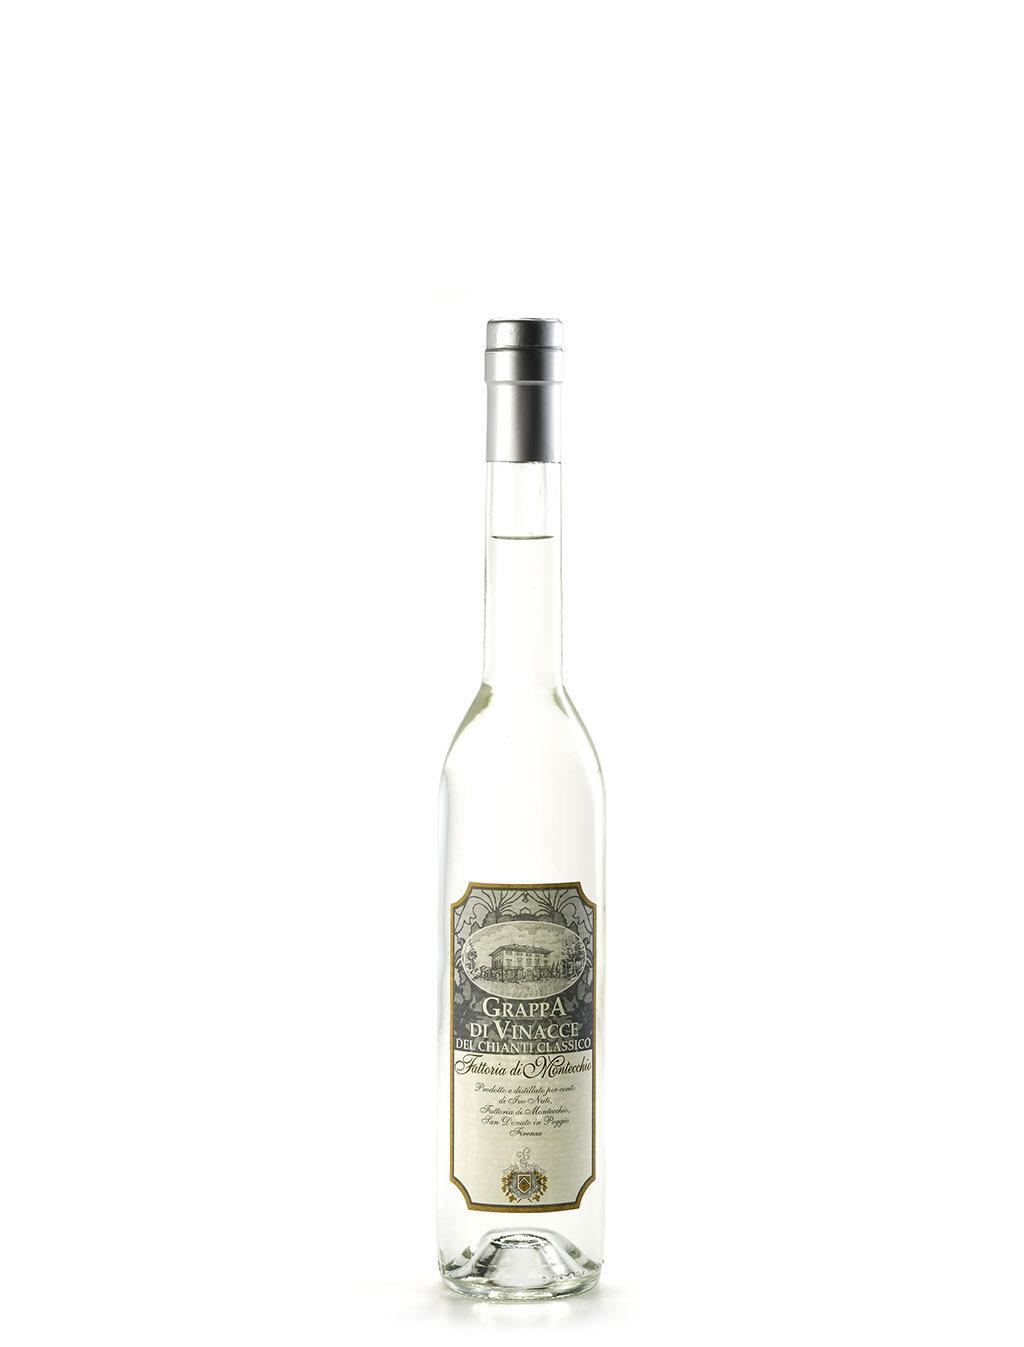 Grappa di Vinacce del Chianti Classico